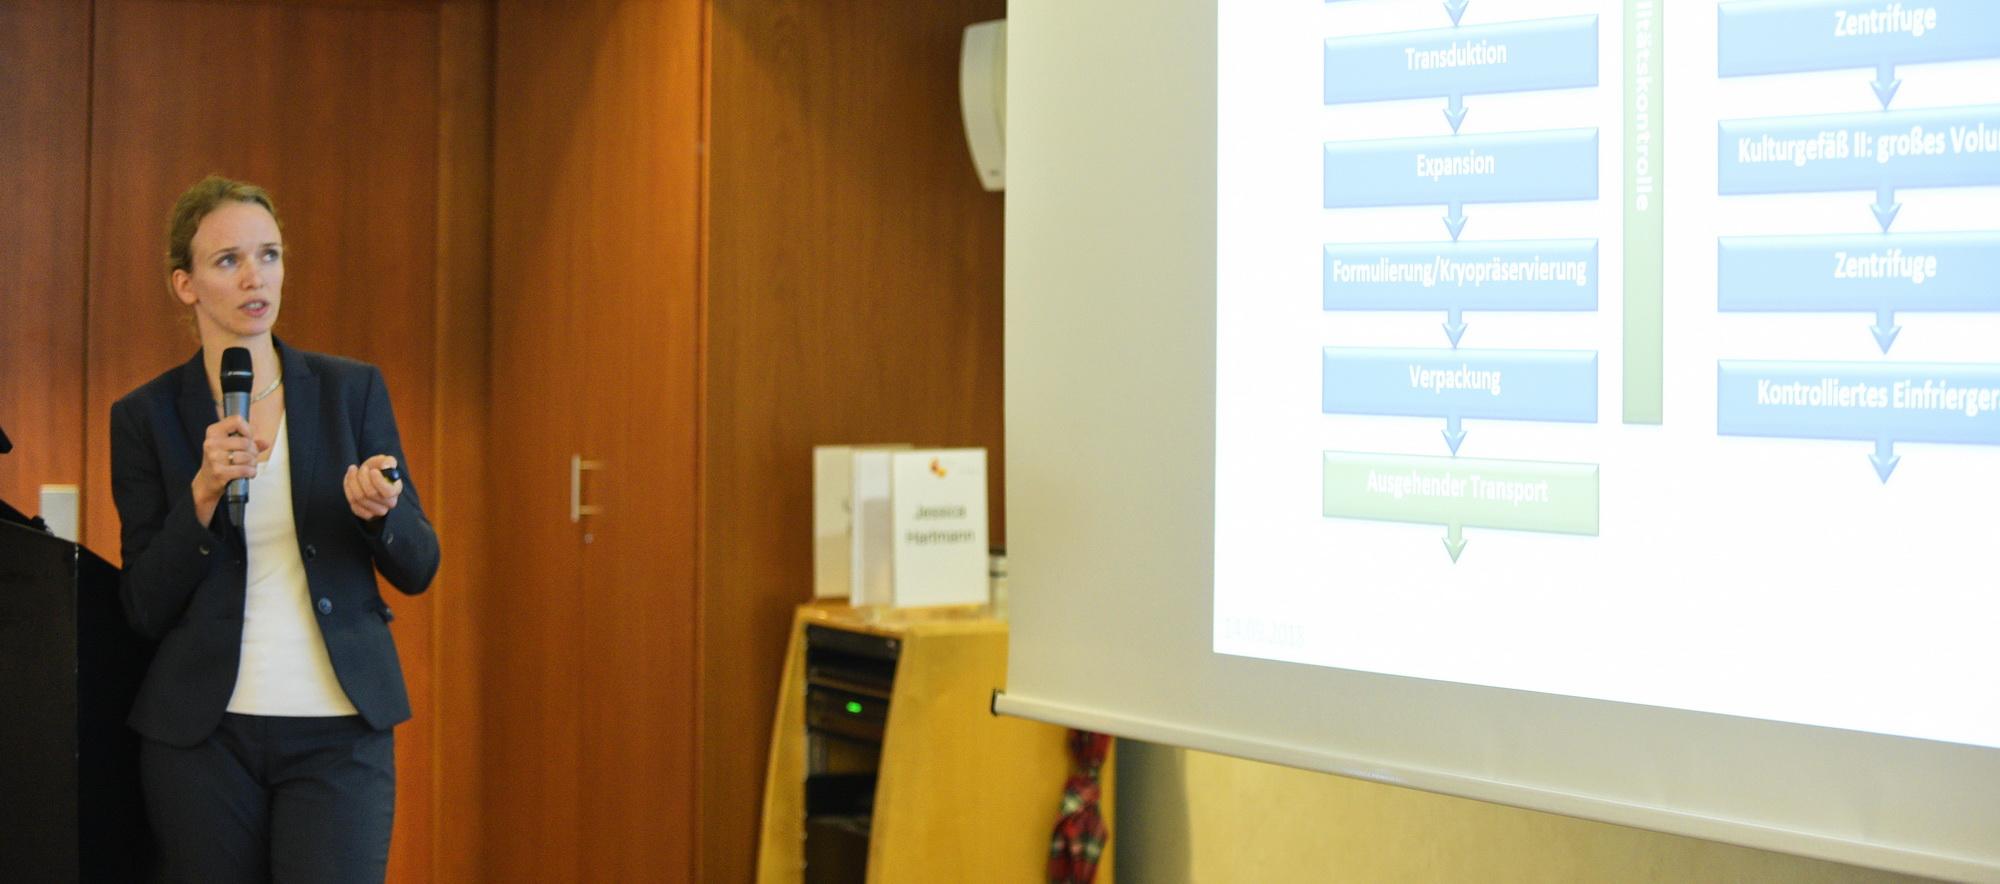 Symposium der Cellex Academy